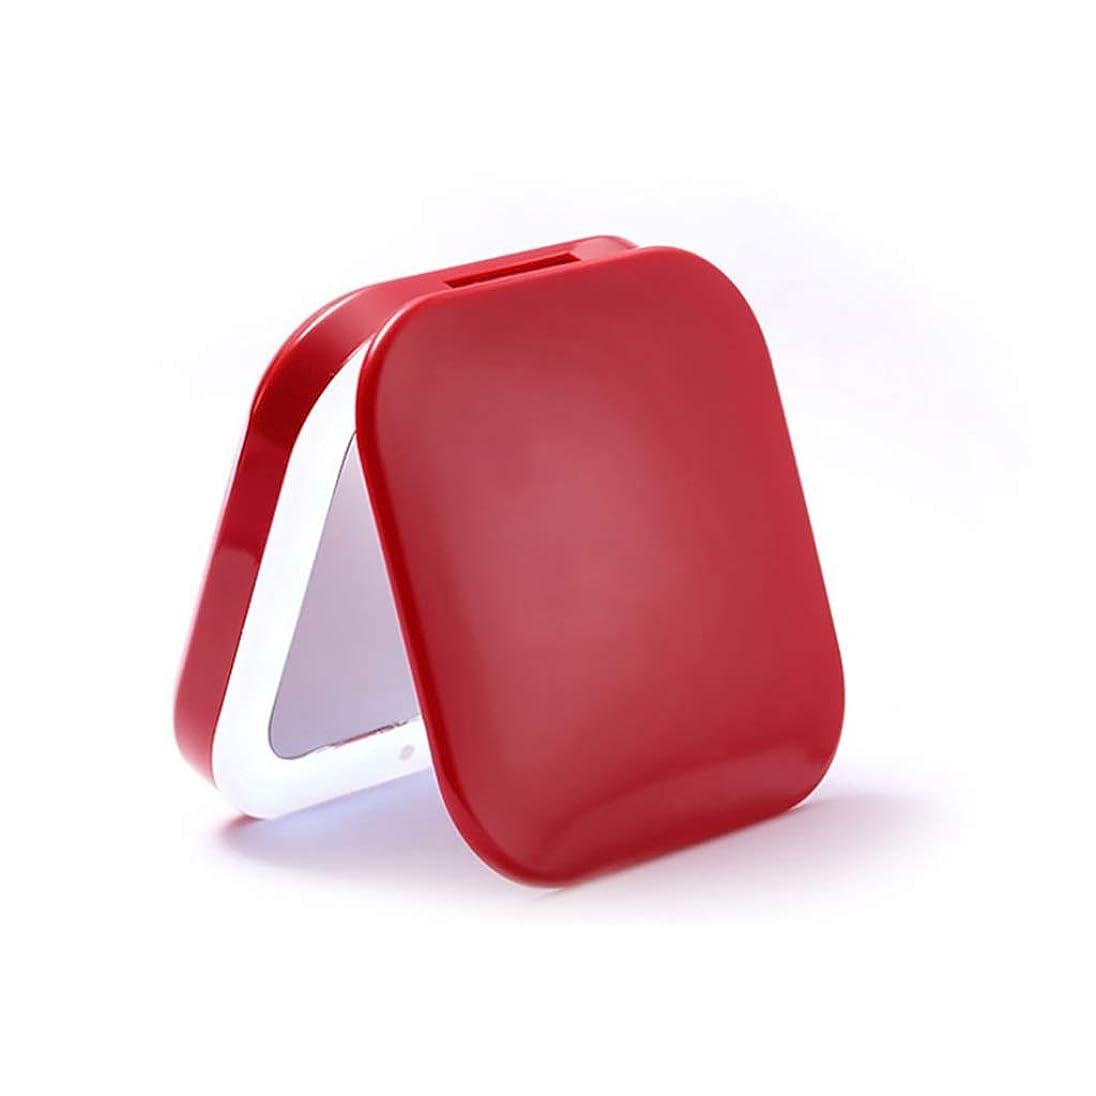 求人あいまいな鯨メイクアップミラーメイクアップミラーミニかわいいメイクアップミラー付きLED折りたたみポータブルメイクアップミラー多機能小型ミラー (Color : RED, Size : 8.3*8.3*2.3CM)